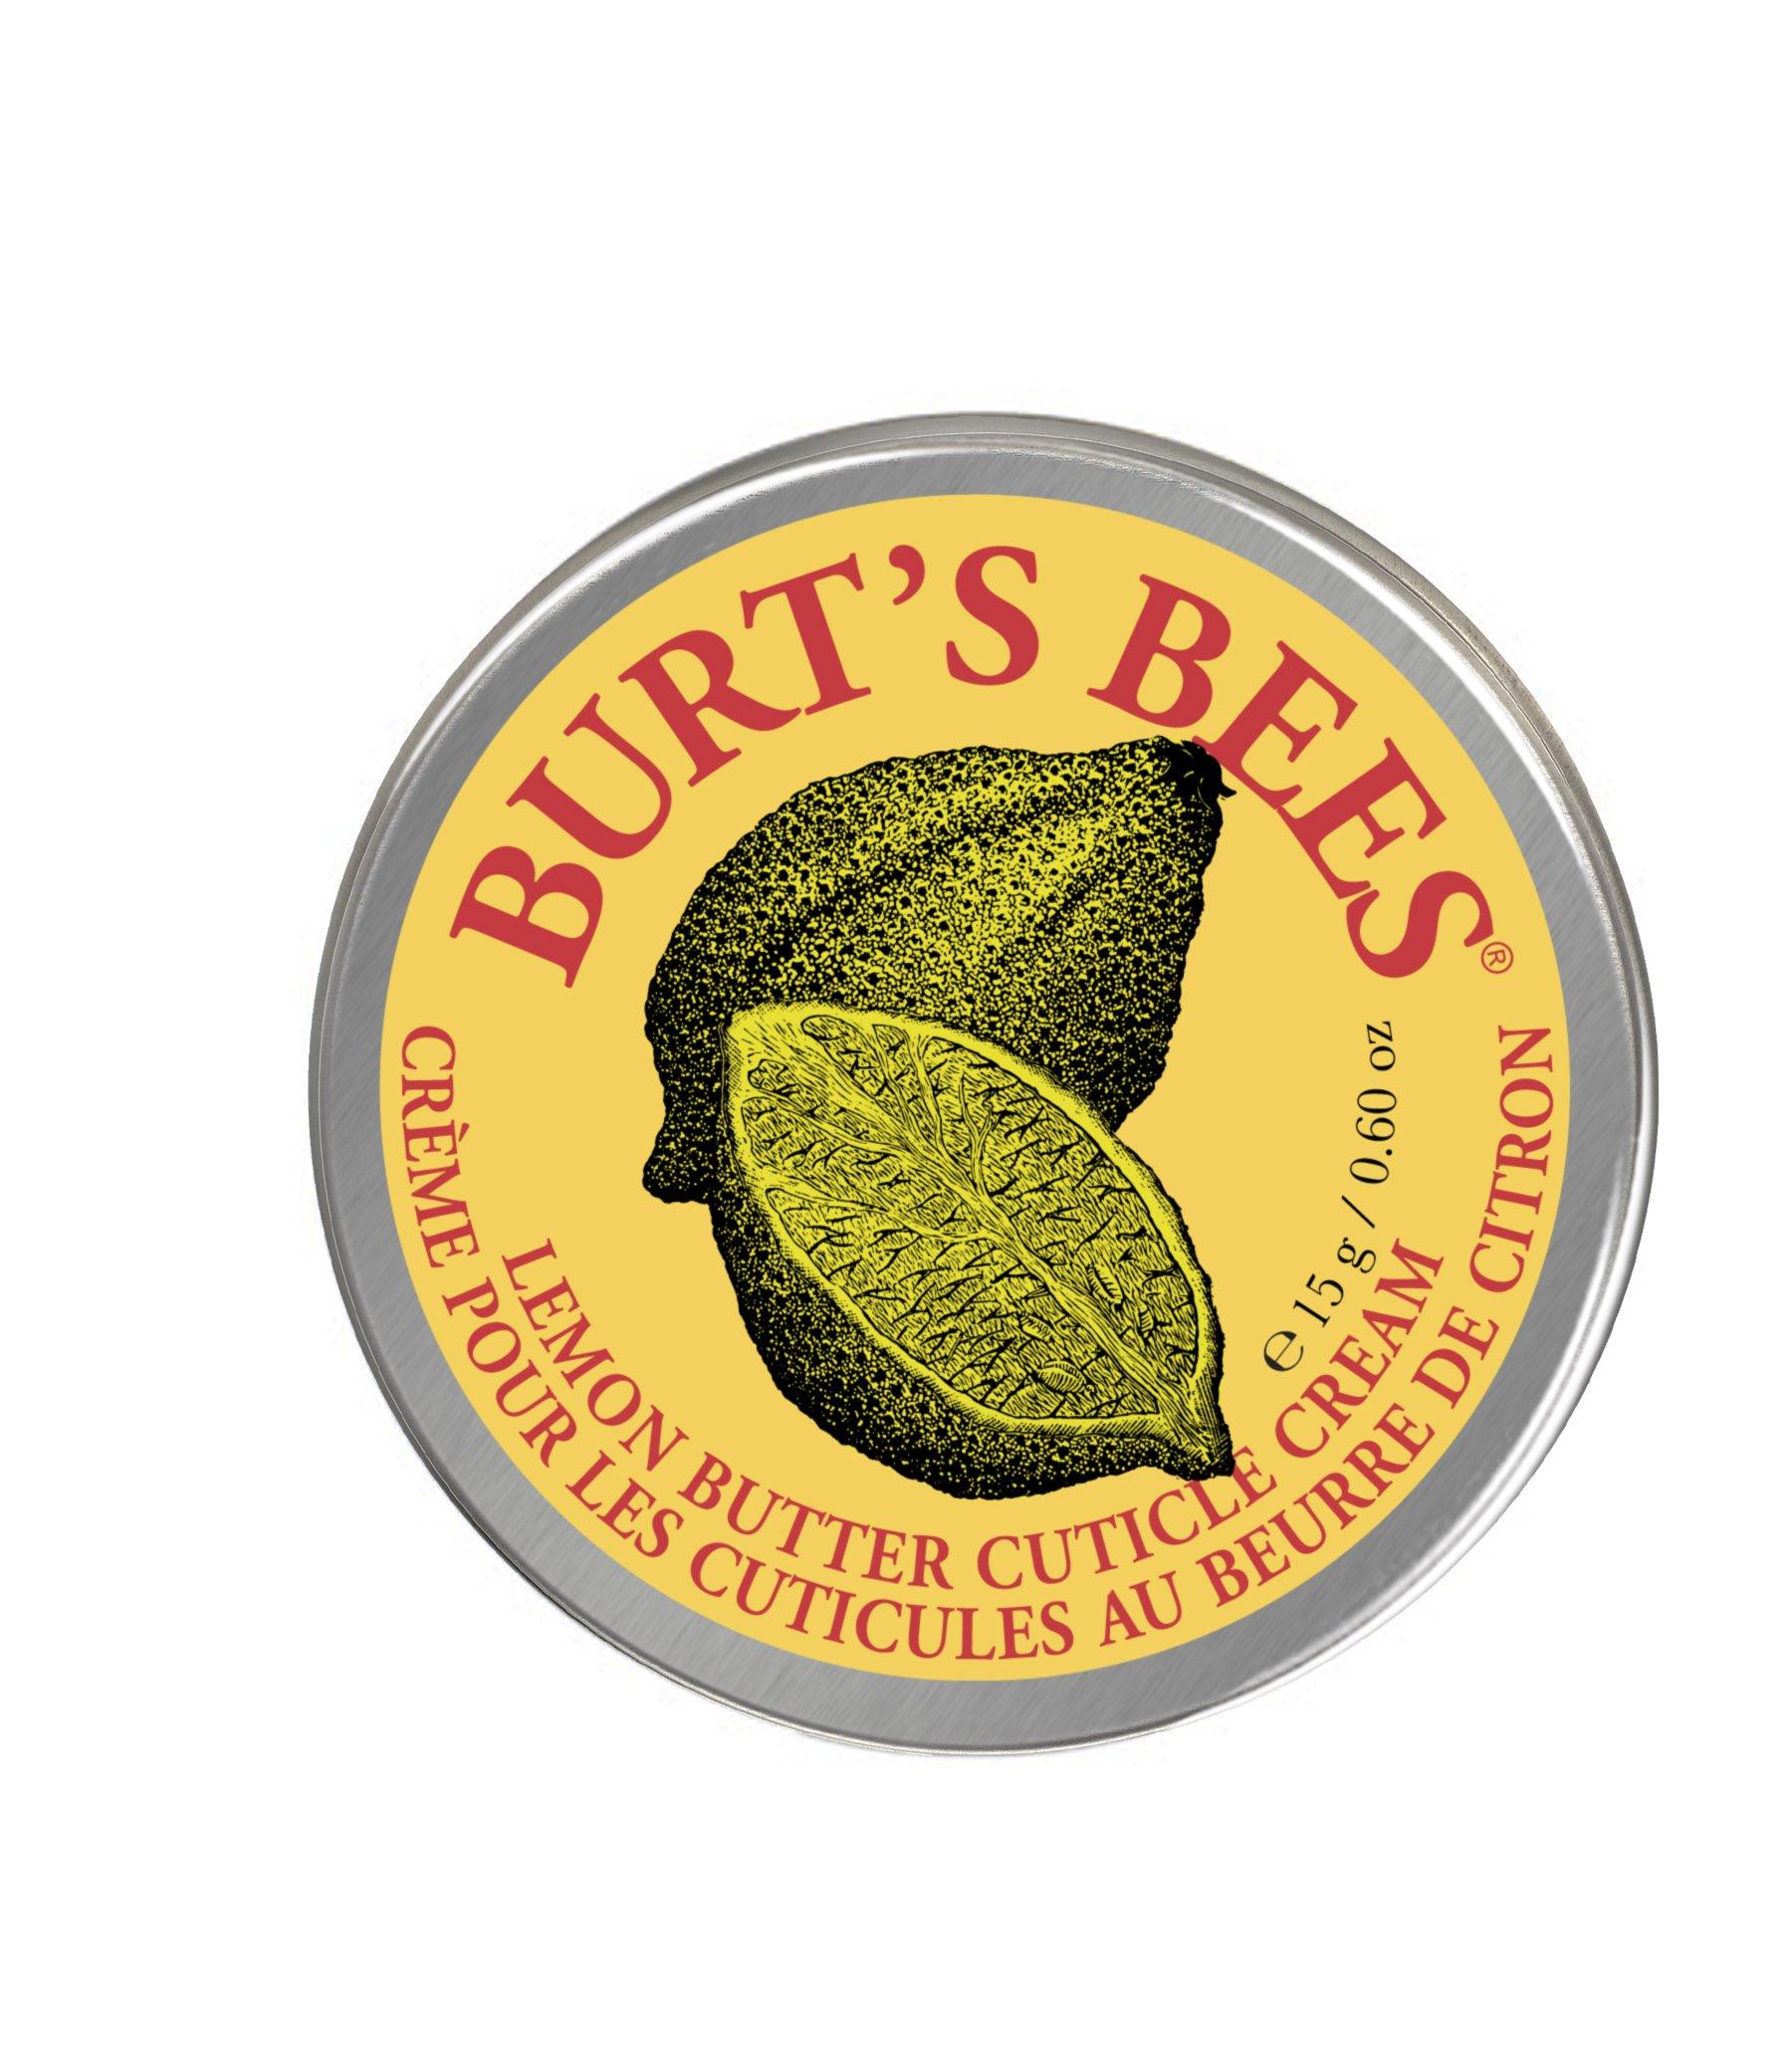 Burt's Bees Lemon Butter Nagelhautcreme, 1er Pack (1 x 15 g) product image